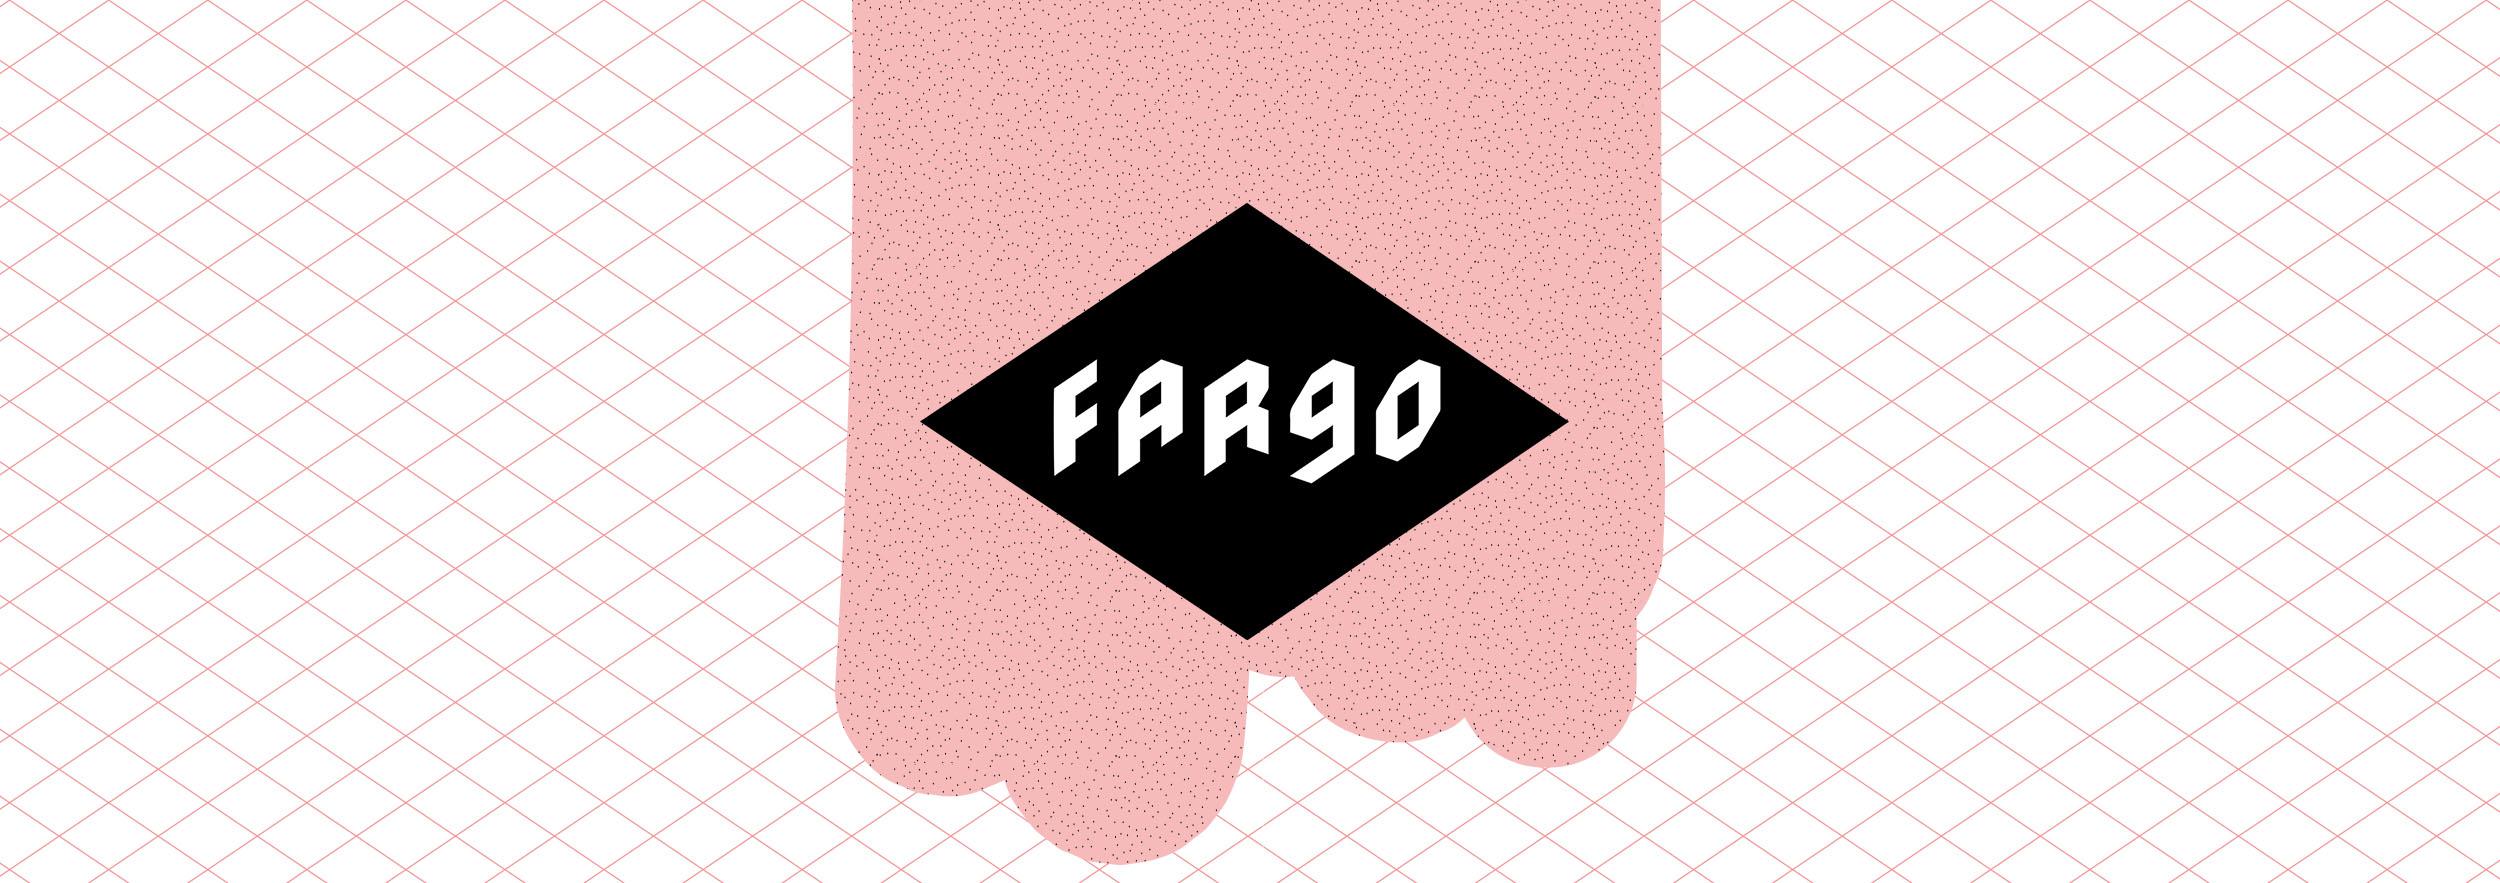 Fargo Web TemplateArtboard 4.jpg